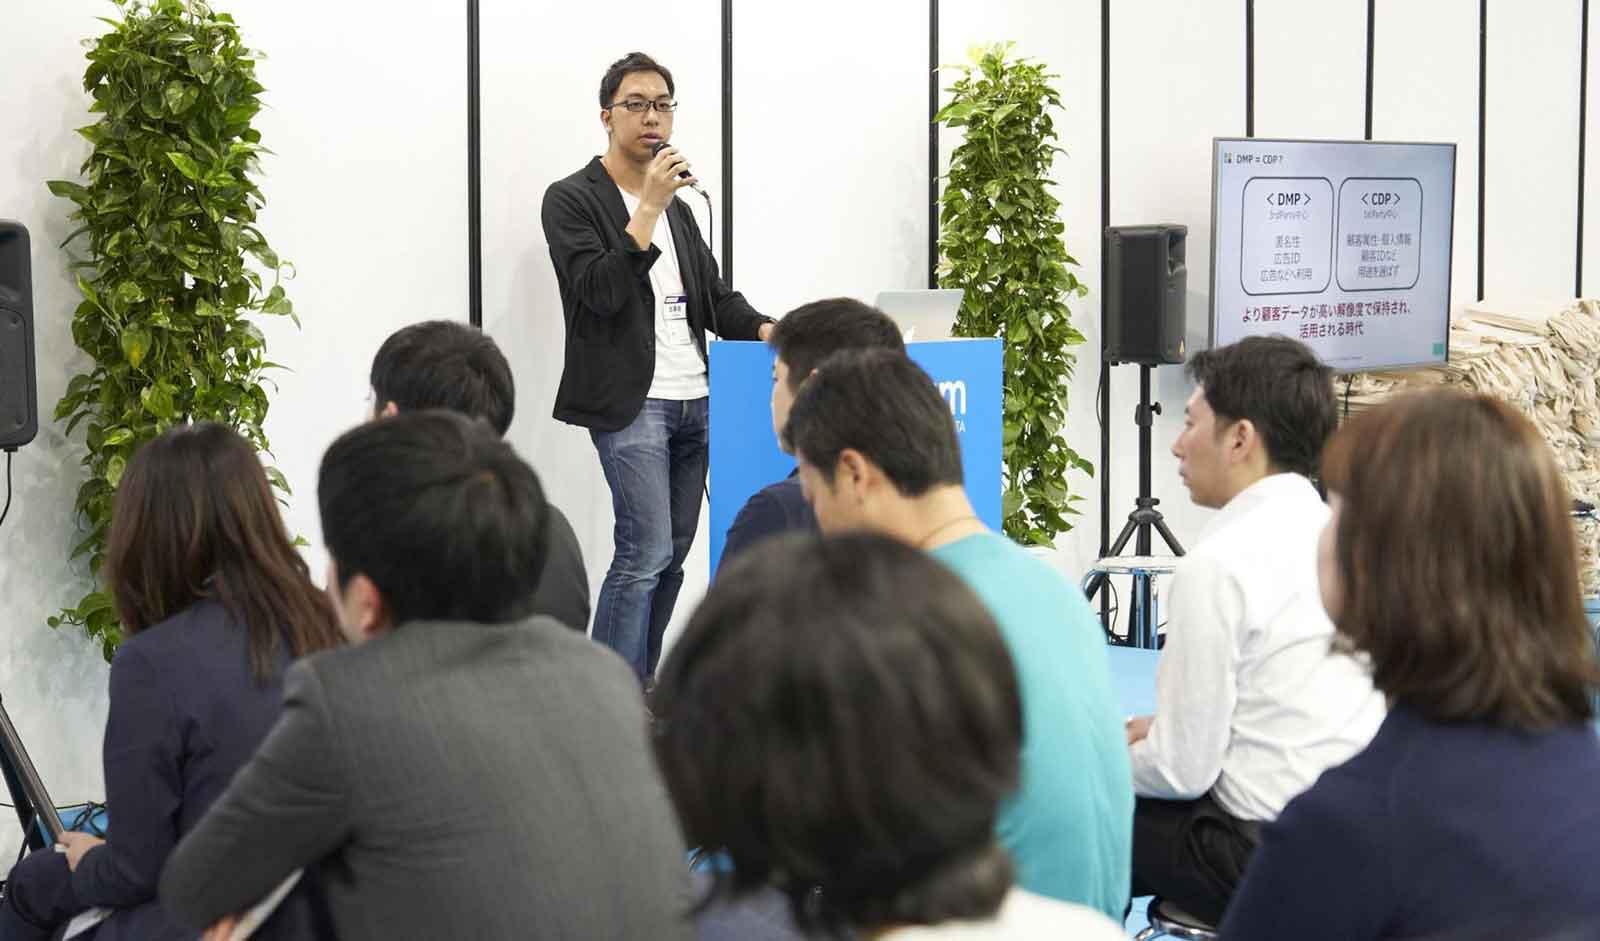 株式会社Legoliss 取締役 データソリューション事業部管掌 加藤 英也氏登壇模様